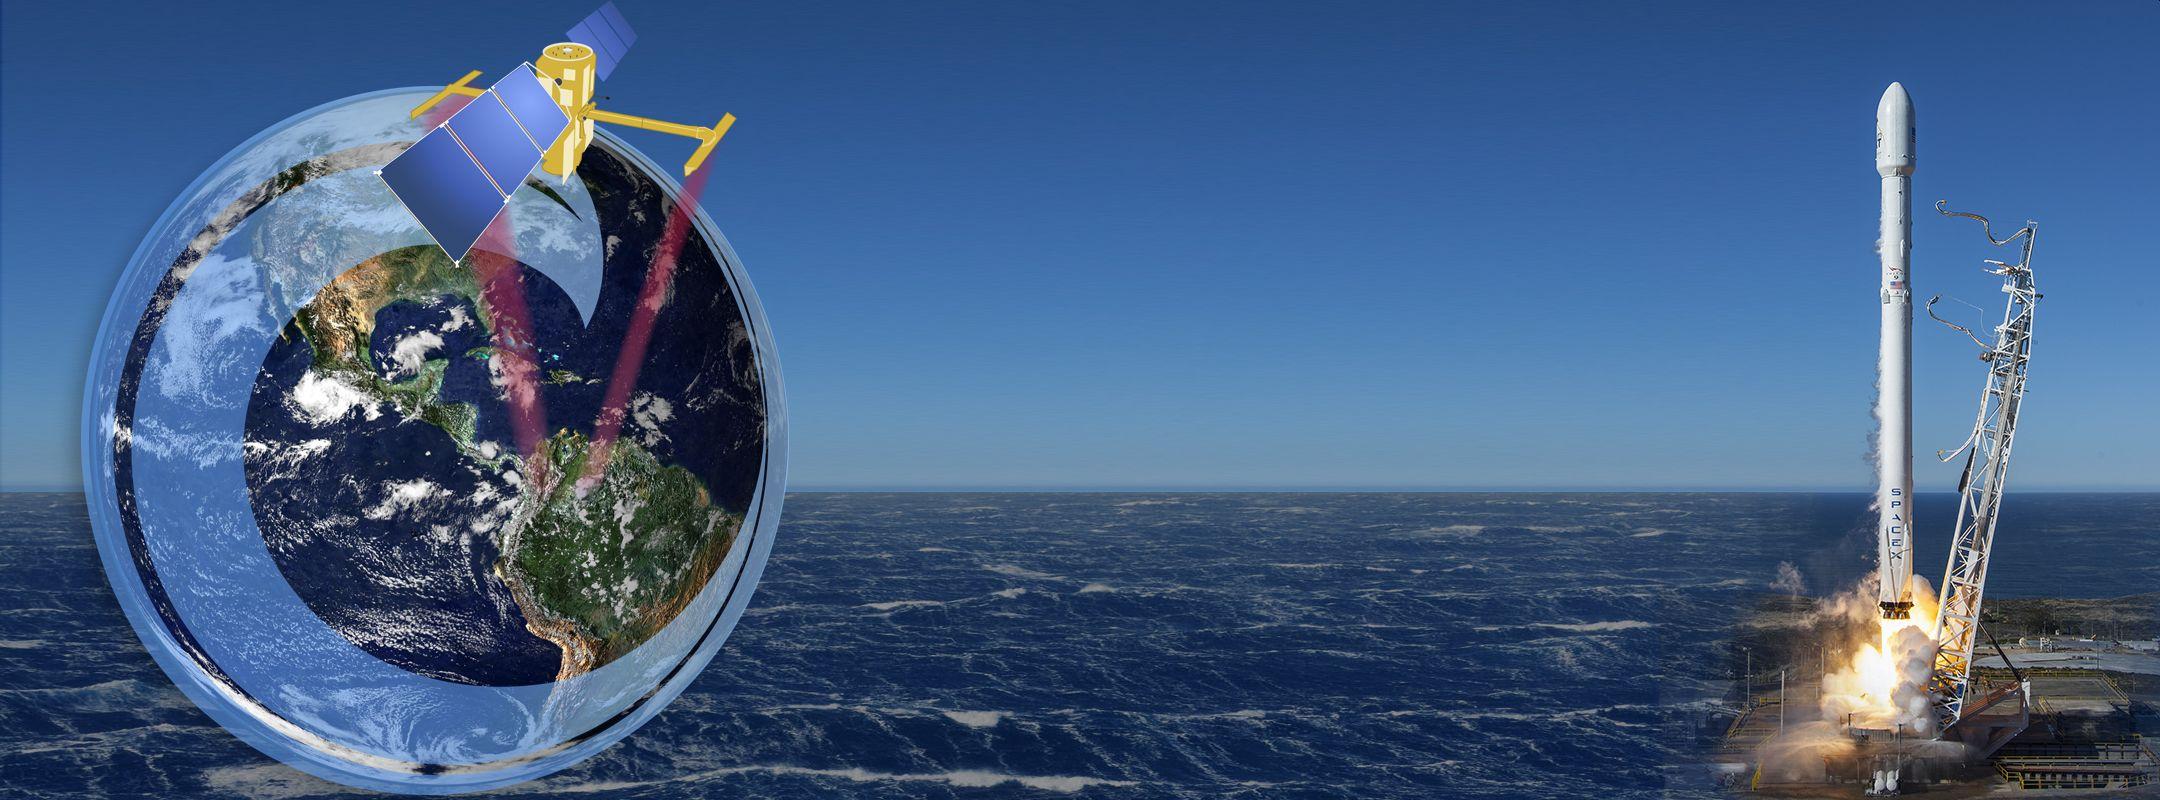 НАСА хочет сохранить 247 петабайт в облаке AWS, но не учло расходы на скачивание - 1